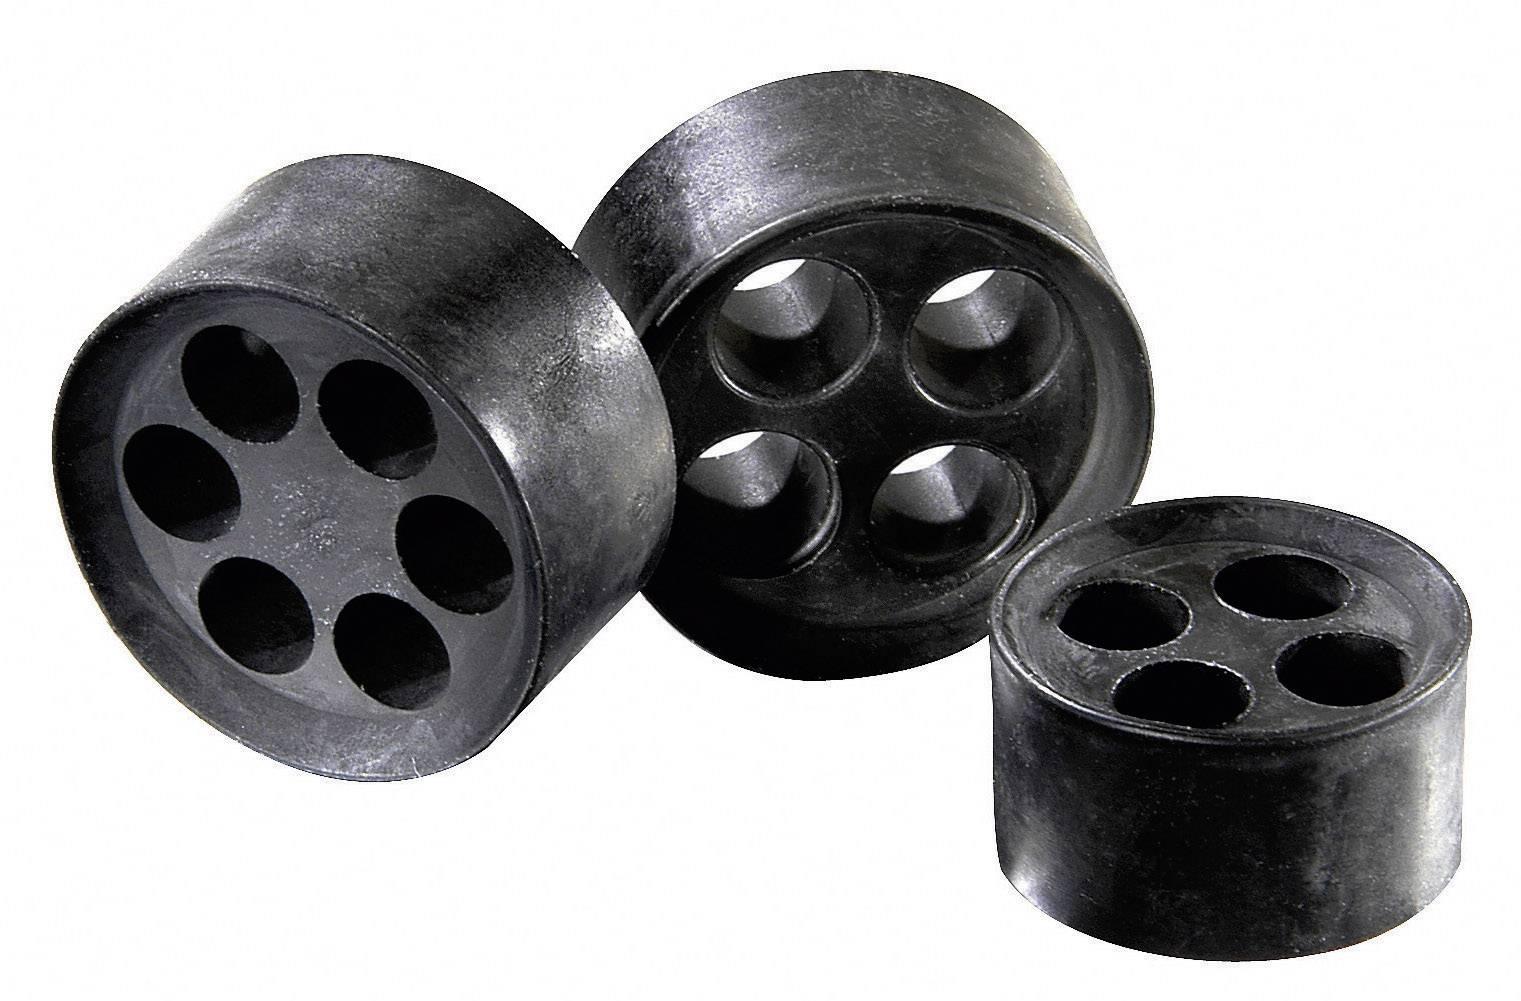 Těsnicí vložka M20 Wiska MFD 20/02/060 (10064395), IP66, M20, elastomer, černá